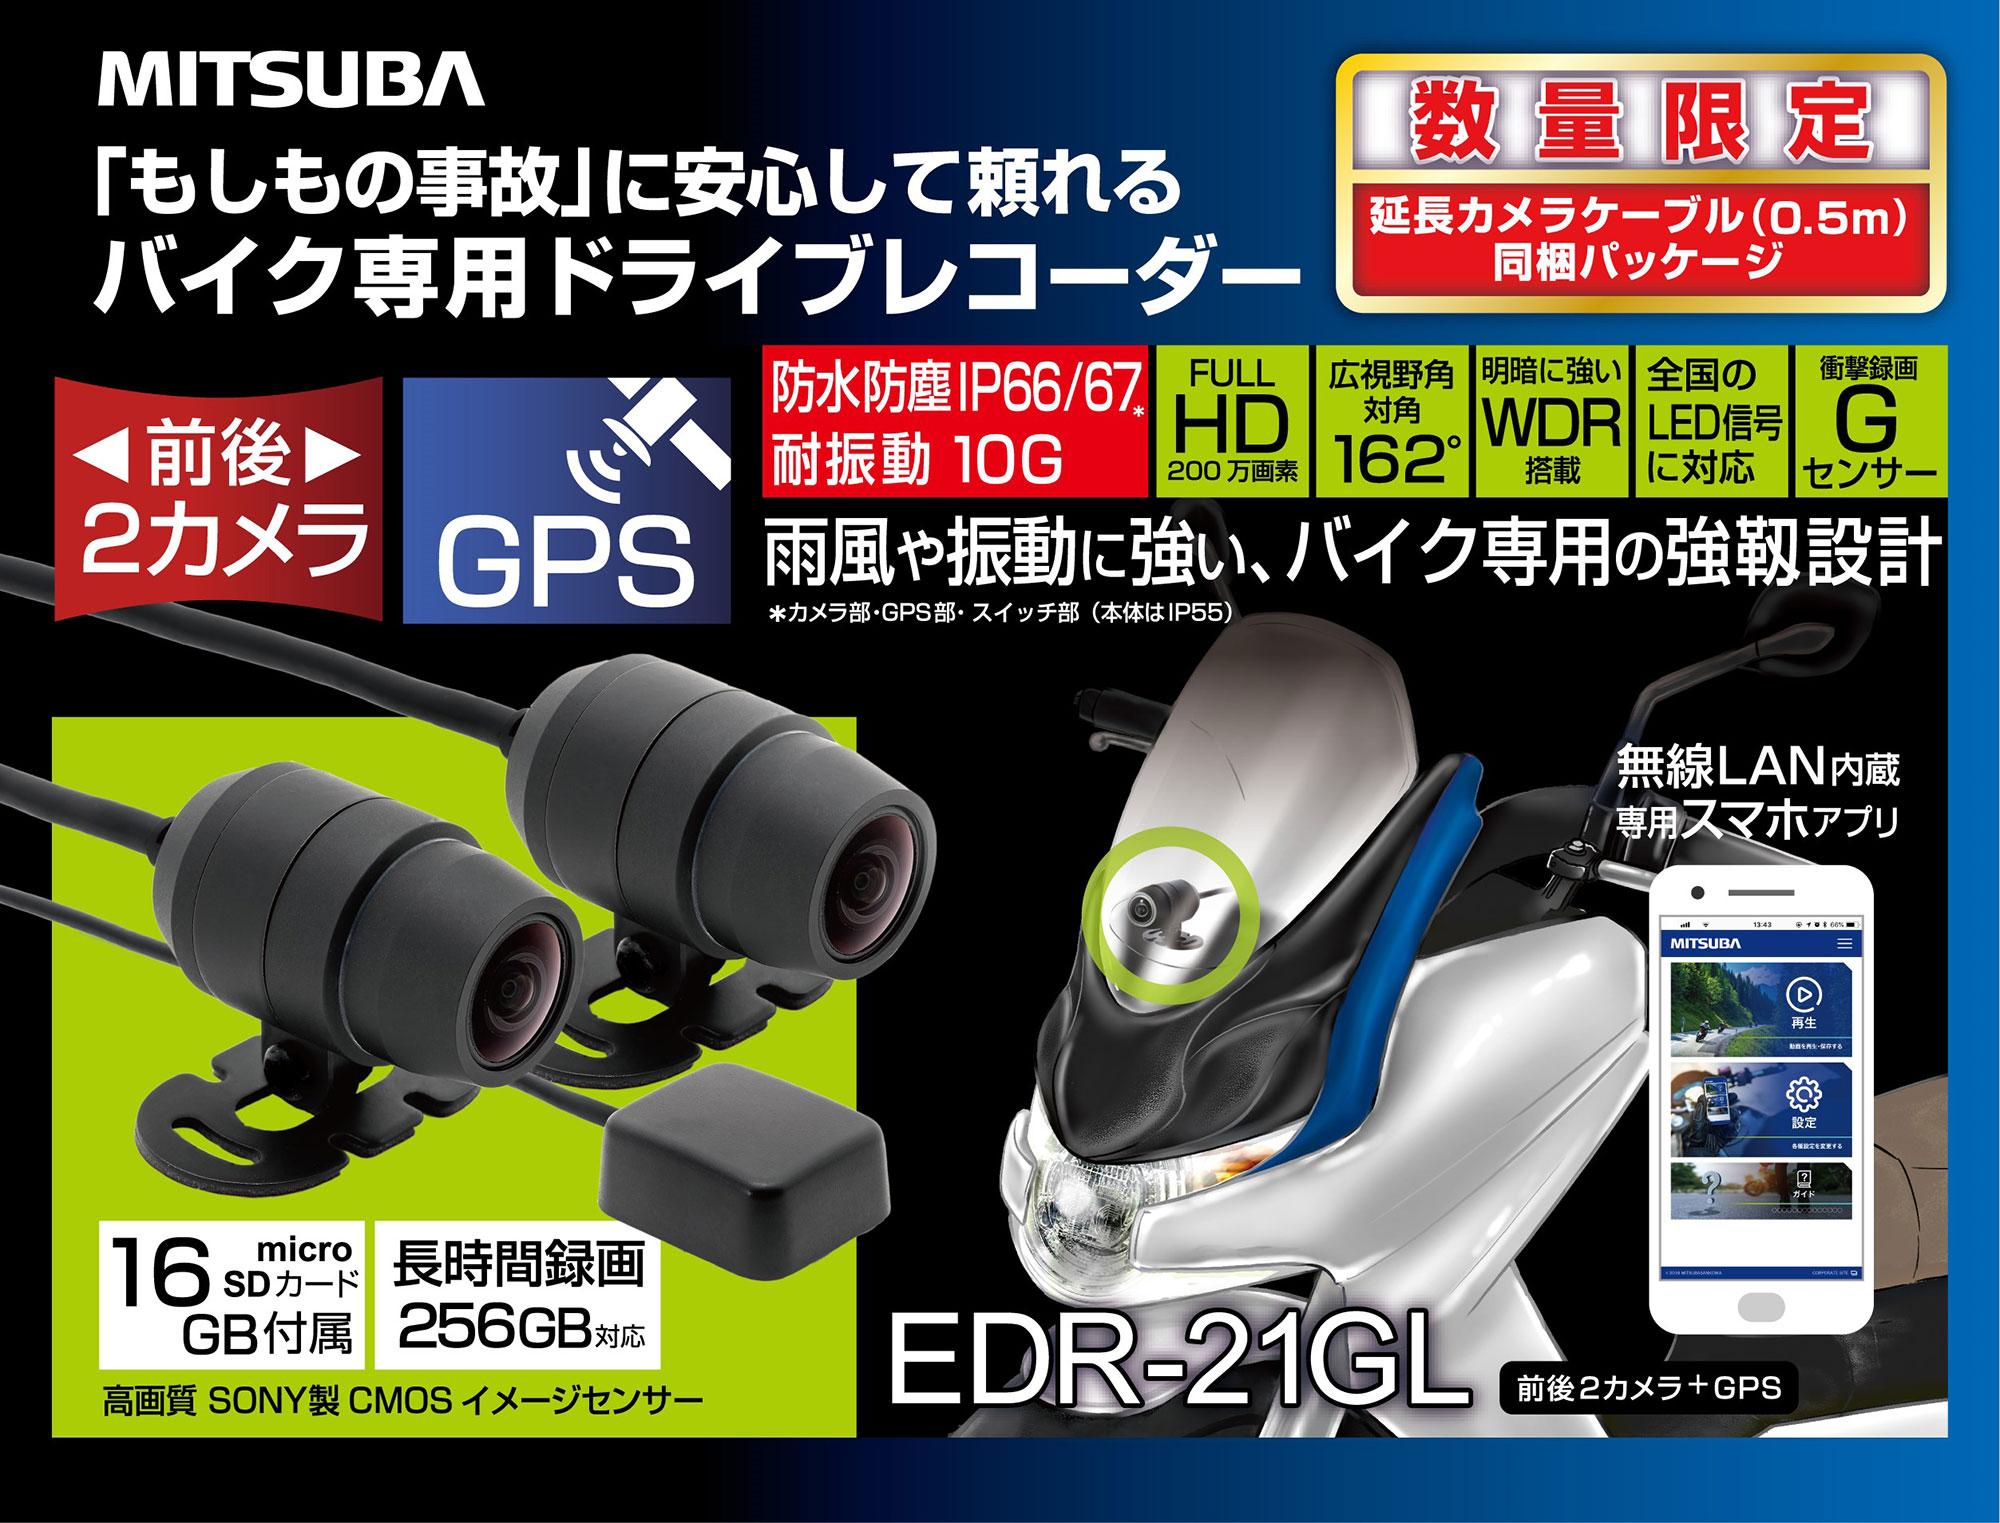 ドライブレコーダー「EDRシリーズ」ロングケーブルセット「EDR-21GL」発売のお知らせ